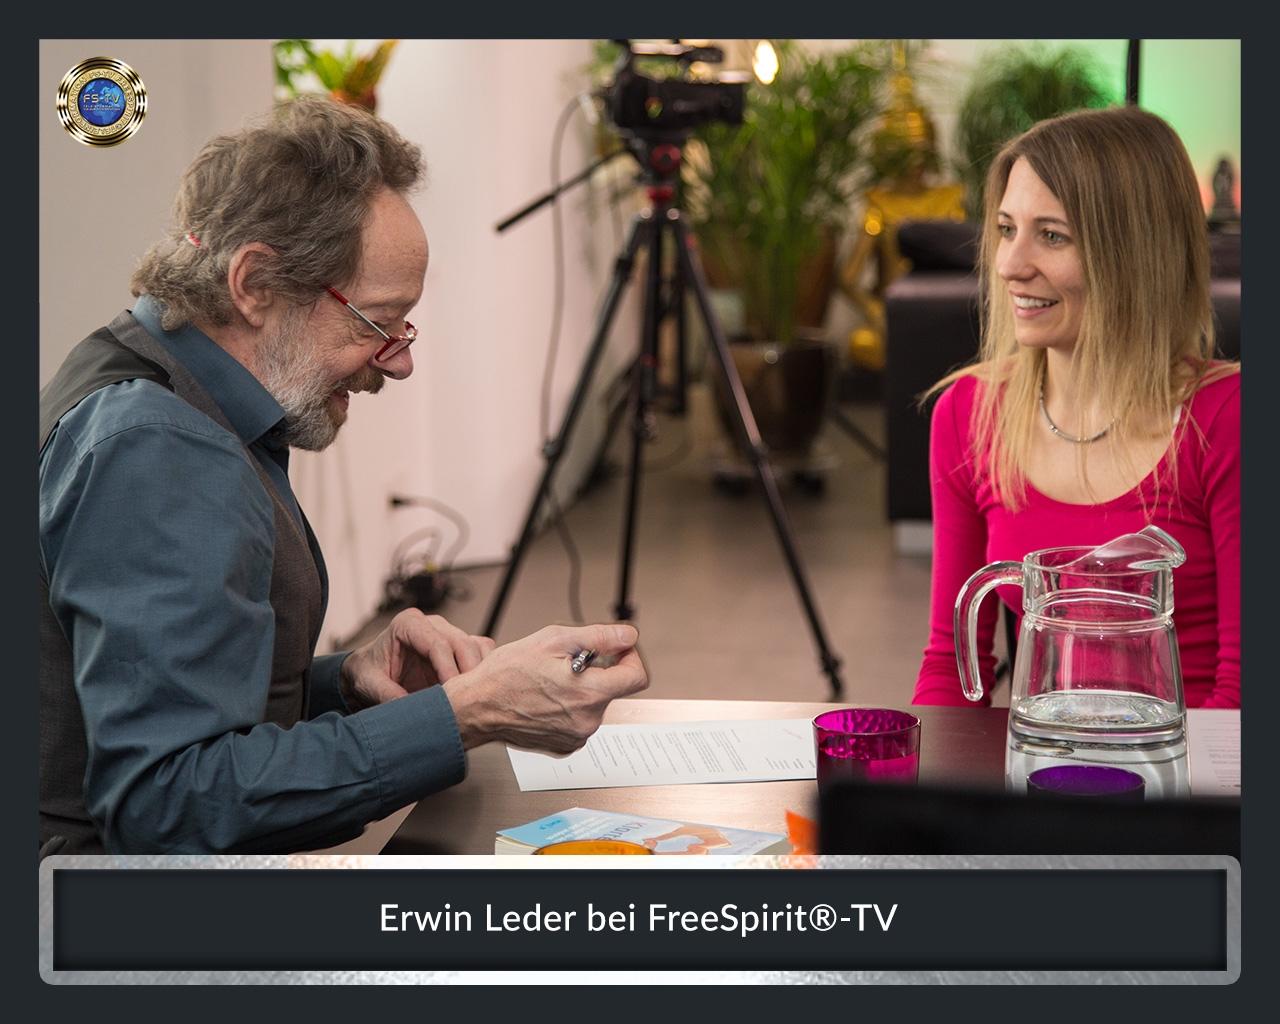 FS-TV-Bildergallerie-Erwin-Leder-6